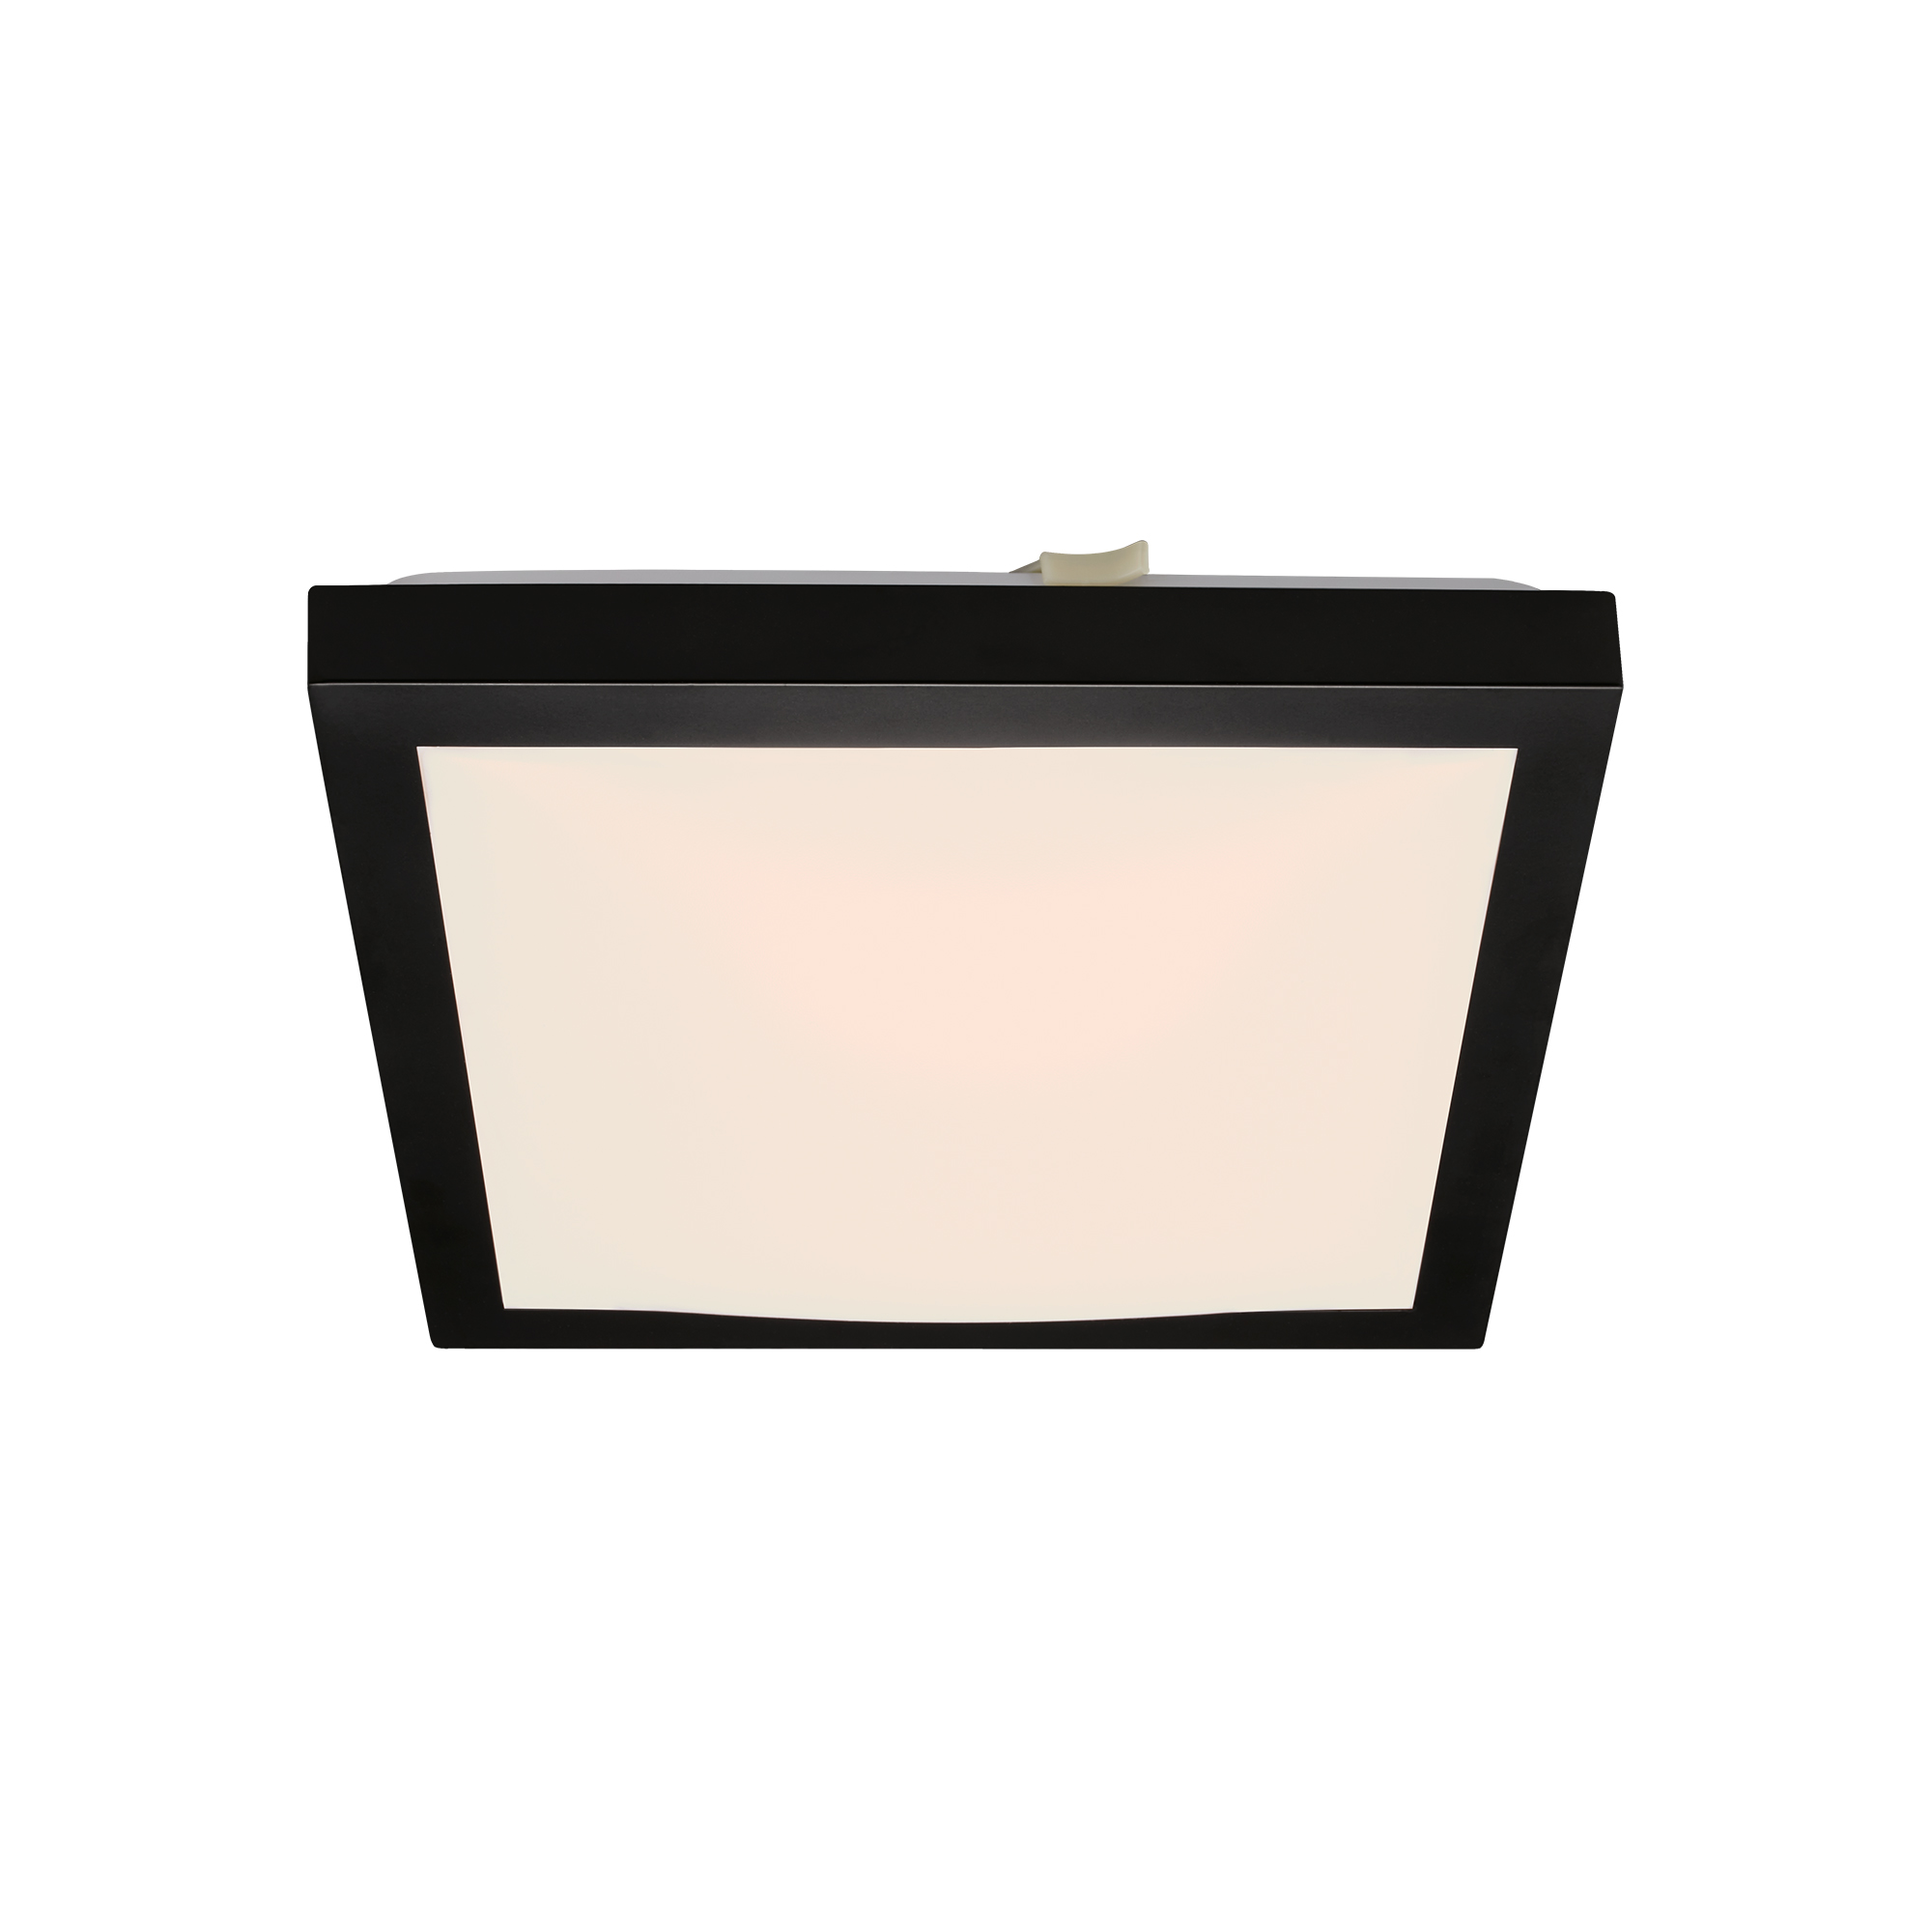 LED Deckenleuchte, 27 cm, 12 W, Weiß-Schwarz